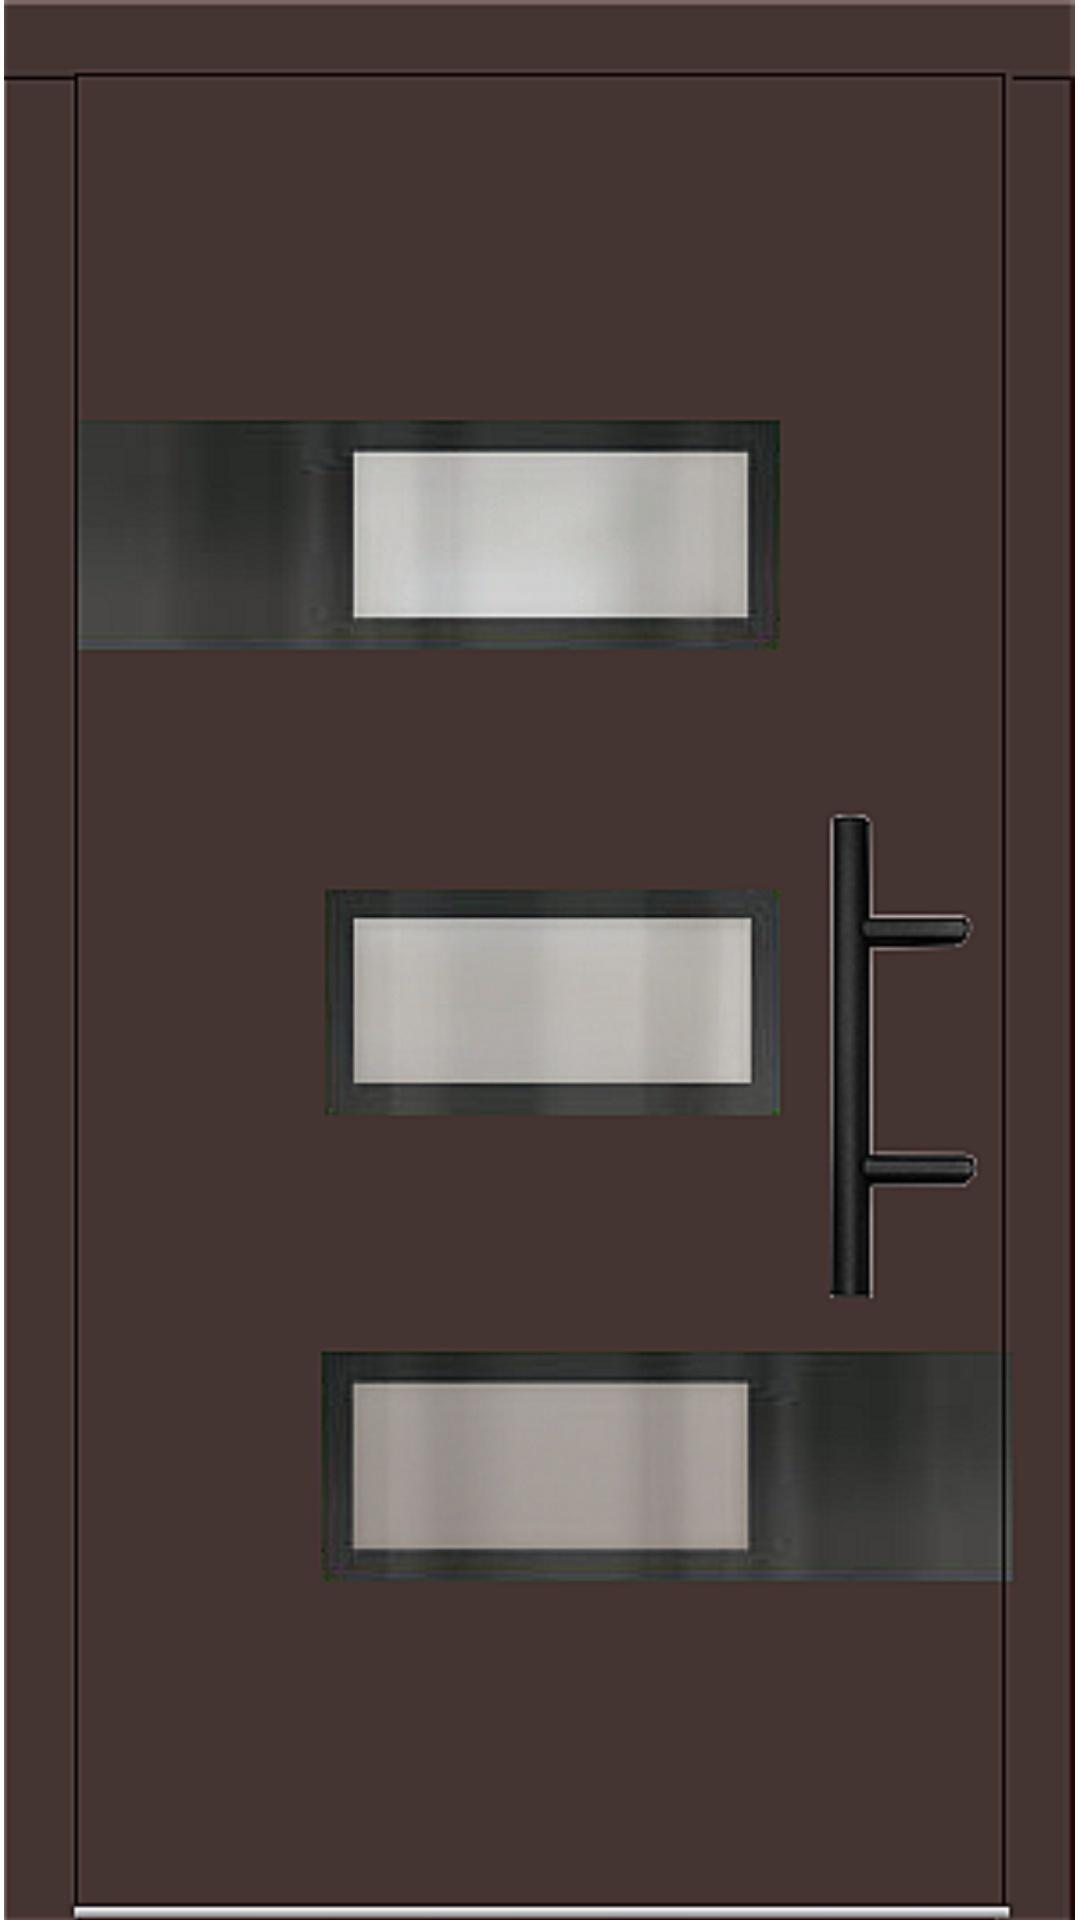 Holz Haustür Modell 70530 mahagonibraun